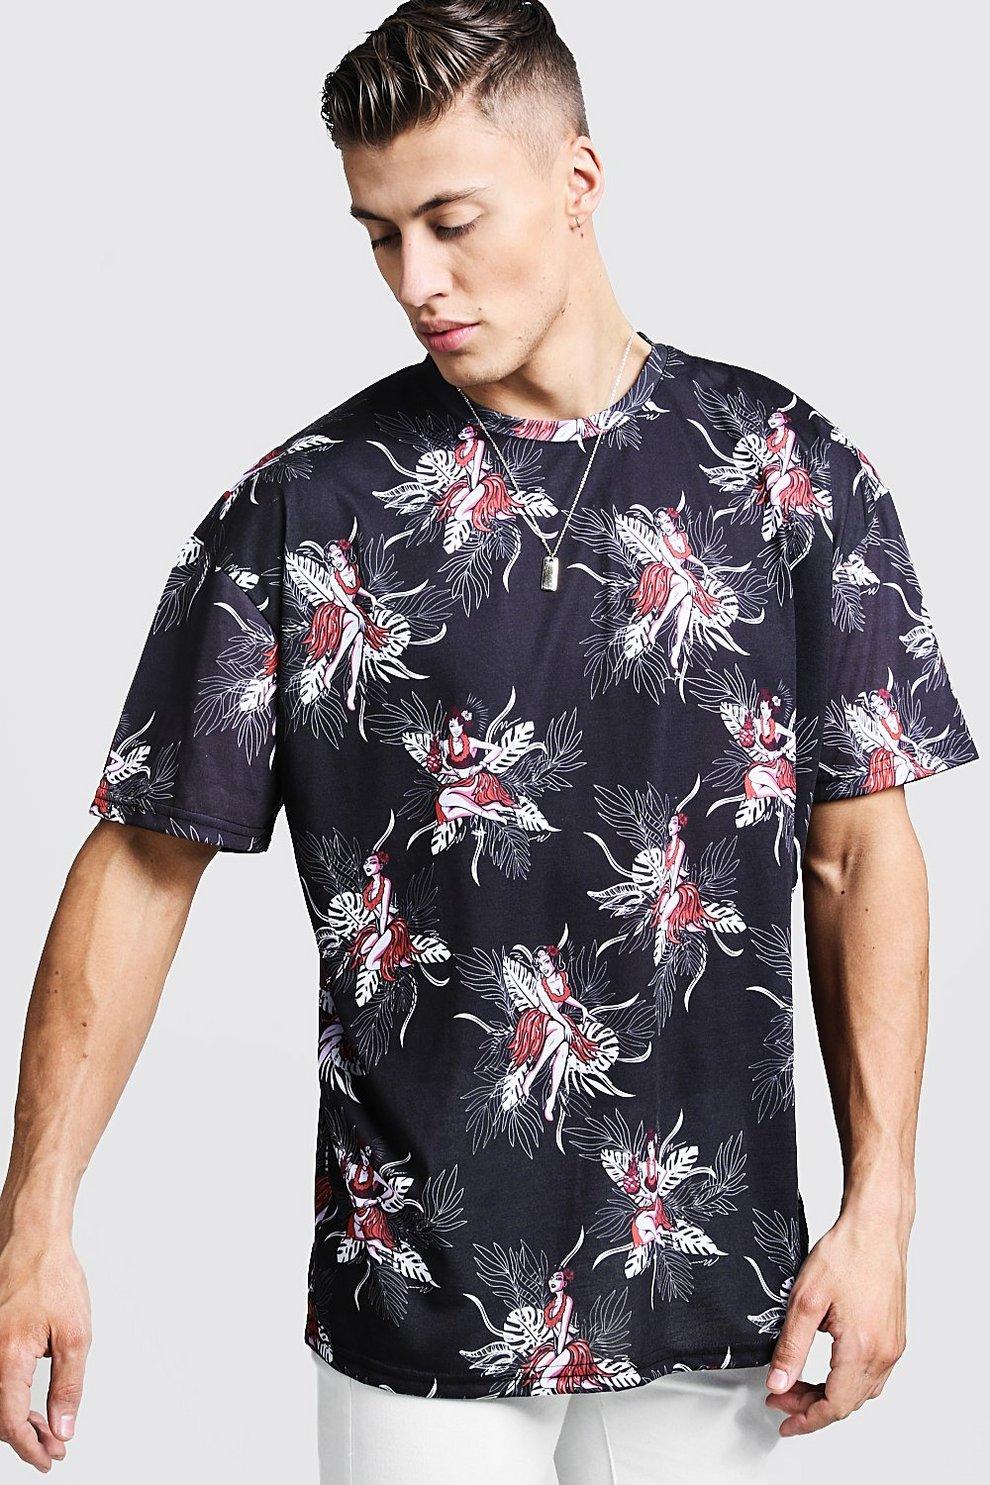 8a19bcadd29 Oversized T-Shirt mit Hawaii-Print - boohooMAN